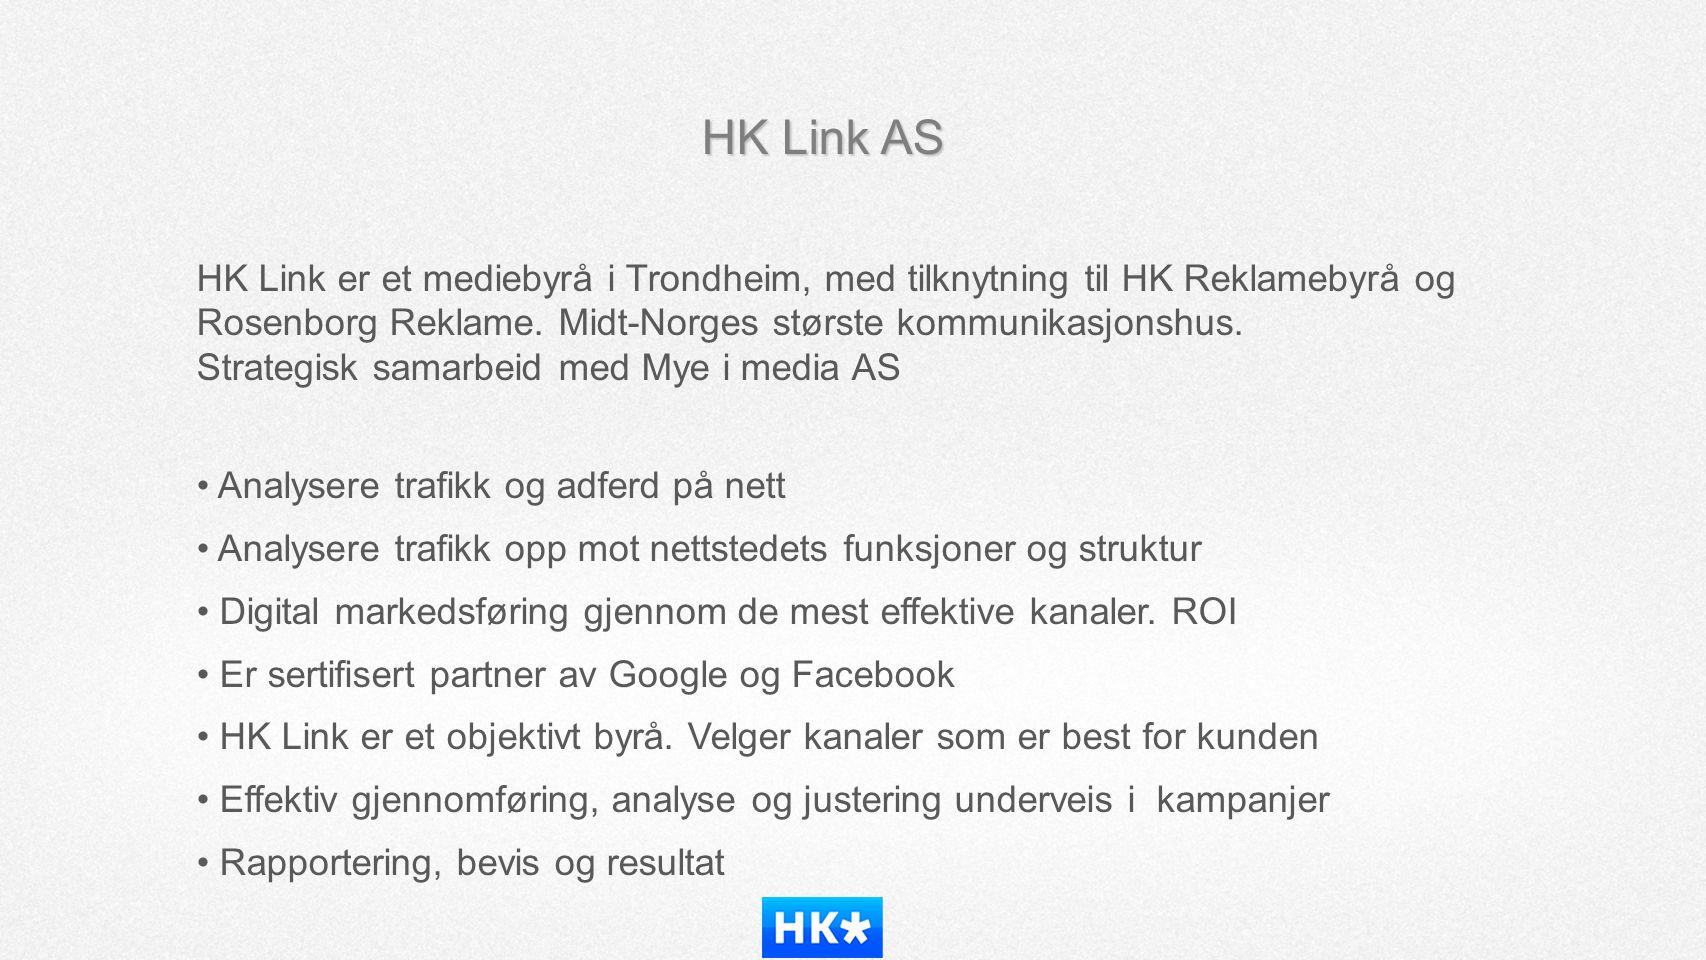 HK Link AS HK Link er et mediebyrå i Trondheim, med tilknytning til HK Reklamebyrå og Rosenborg Reklame. Midt-Norges største kommunikasjonshus. Strate